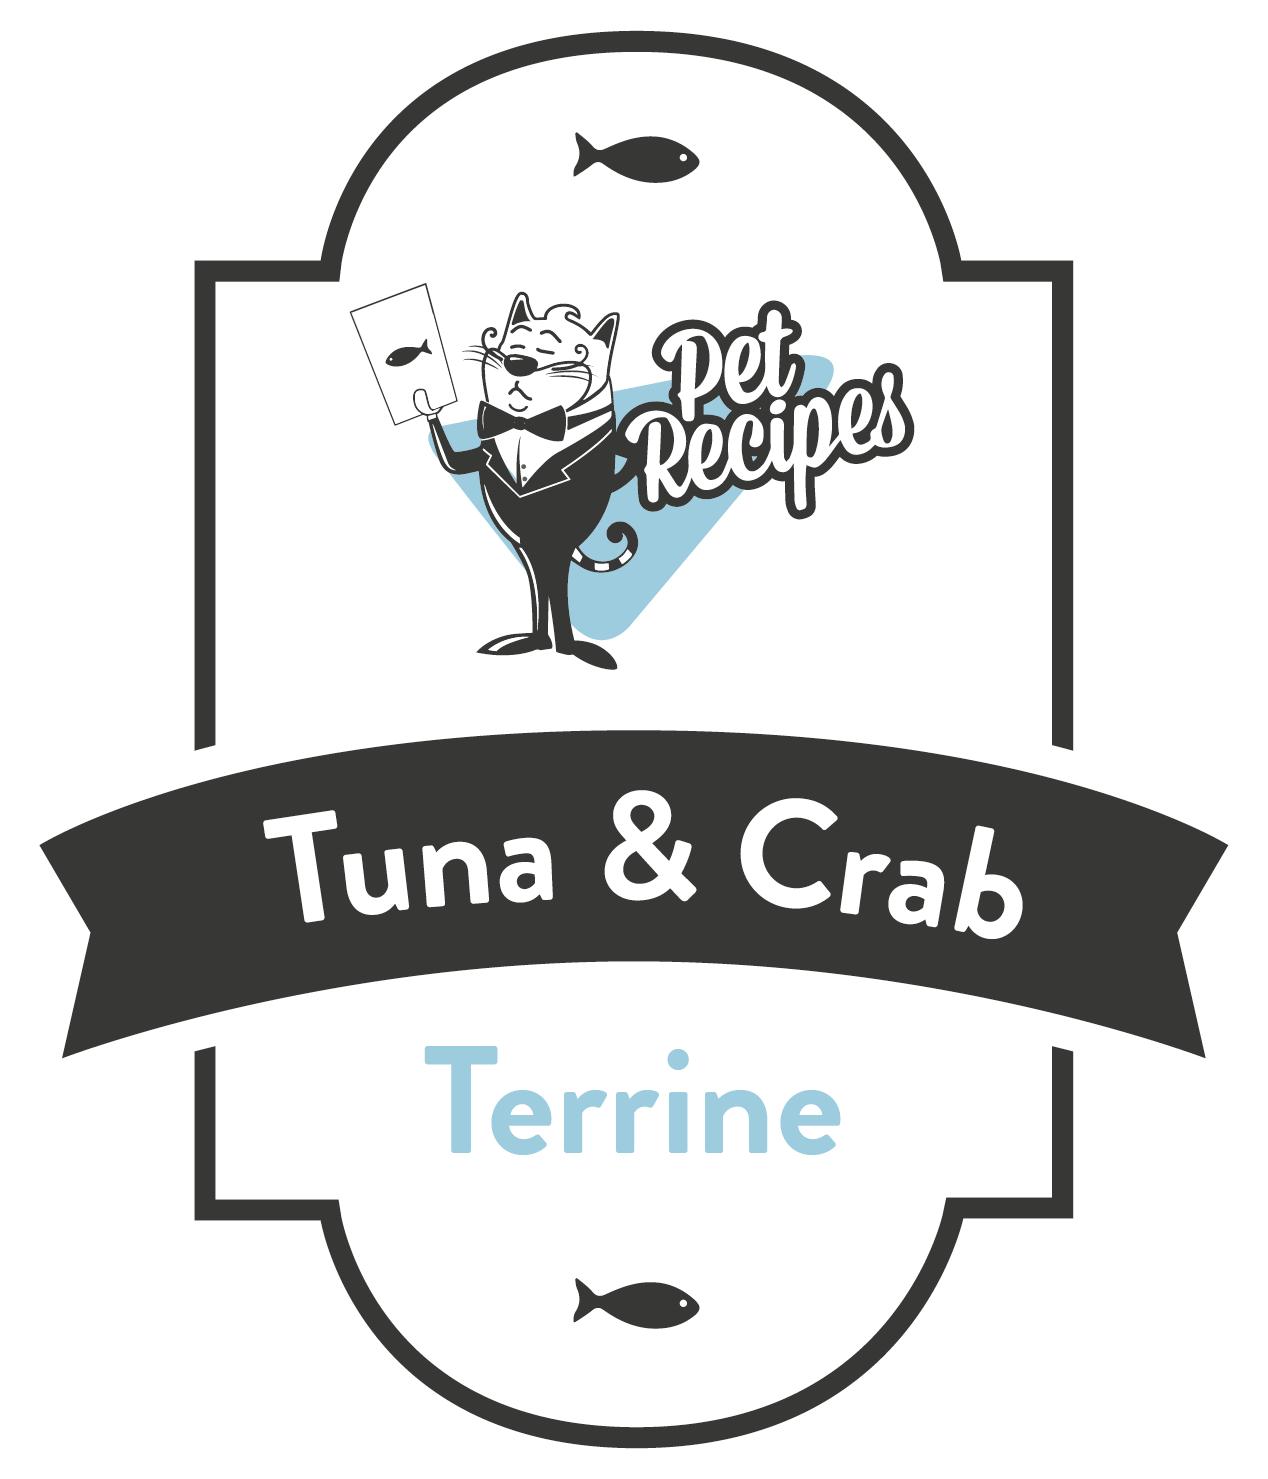 Tuna & Crab terrine cat food label